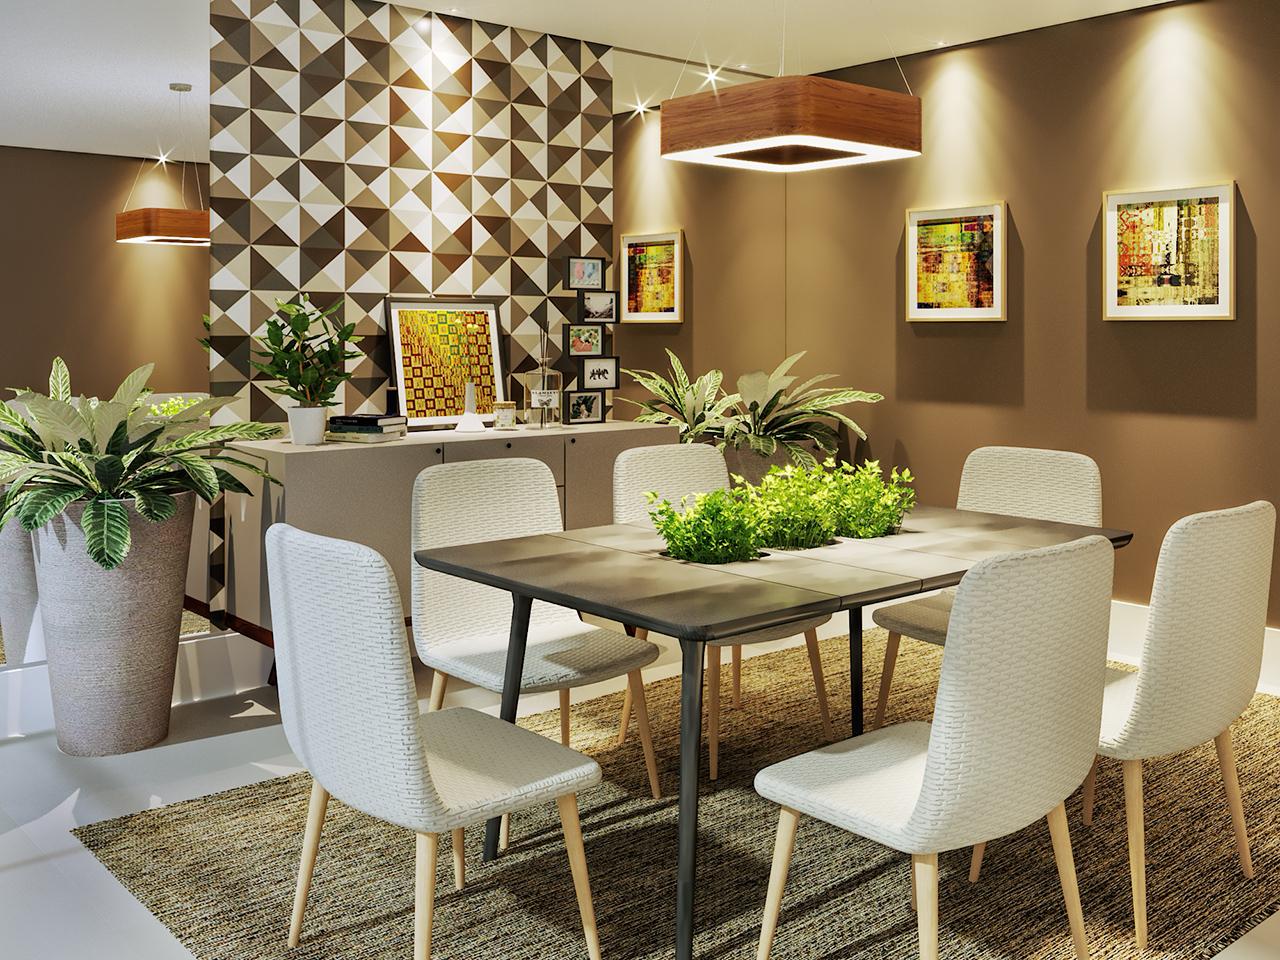 Sala de jantar decorada com quadros e espelho | Leroy Merlin Leroy Merlin Decoration on